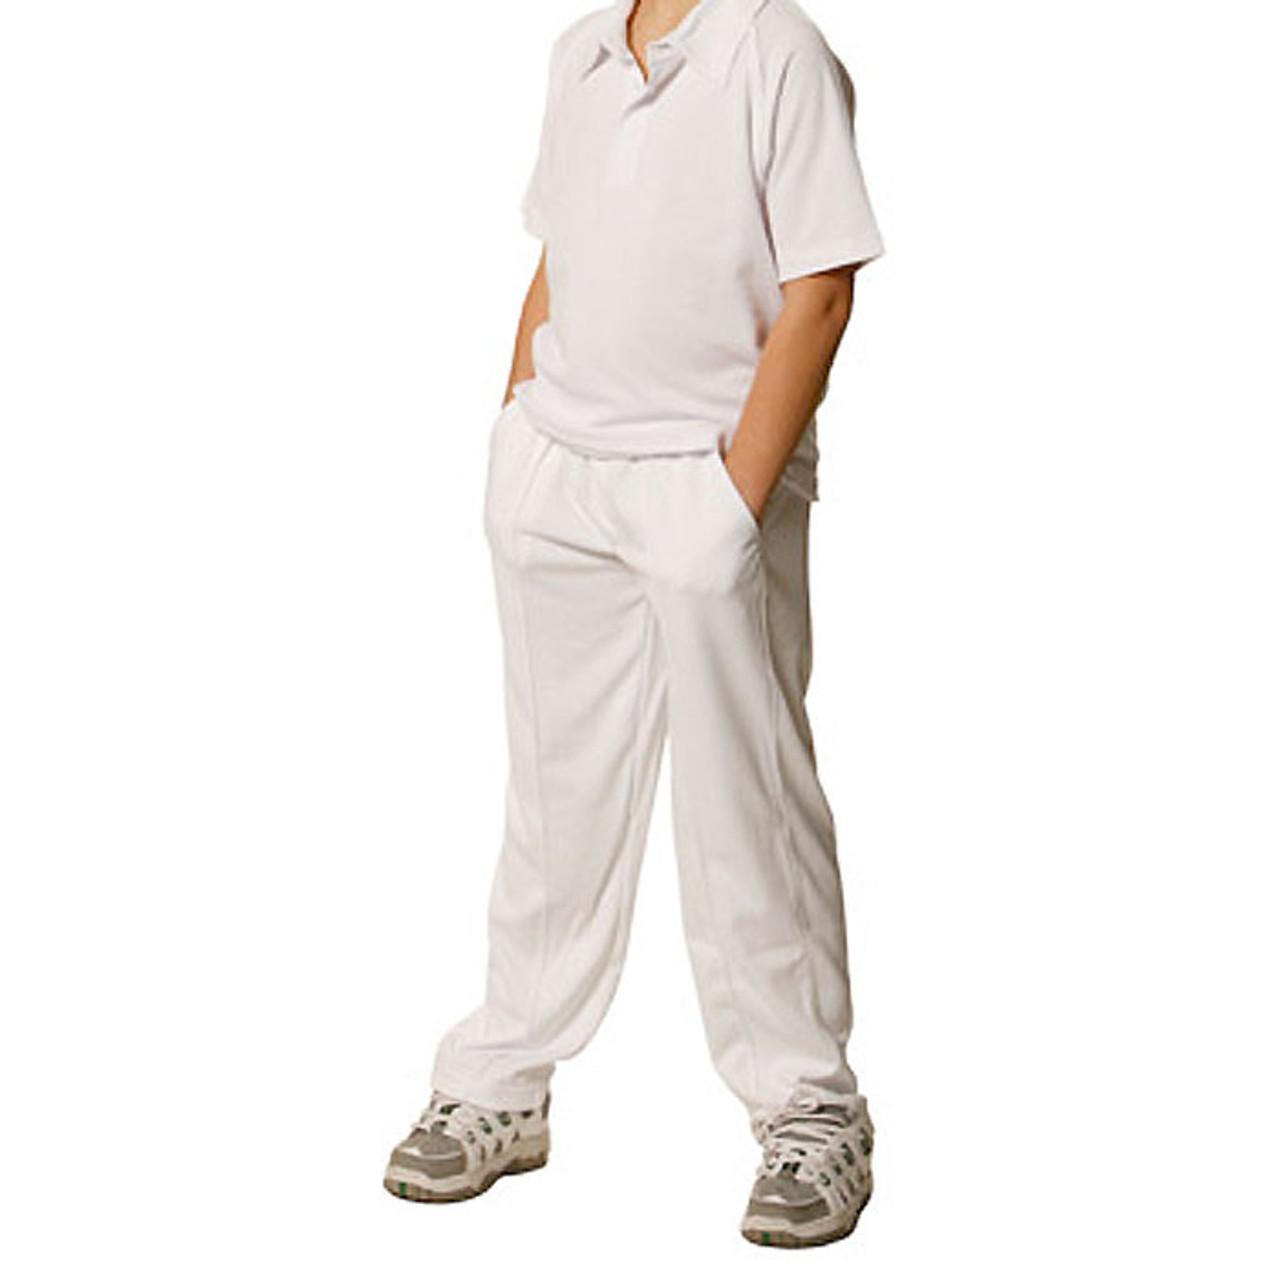 Cricket Pants | Kids | buy online childrens plain sports uniforms | wholesale